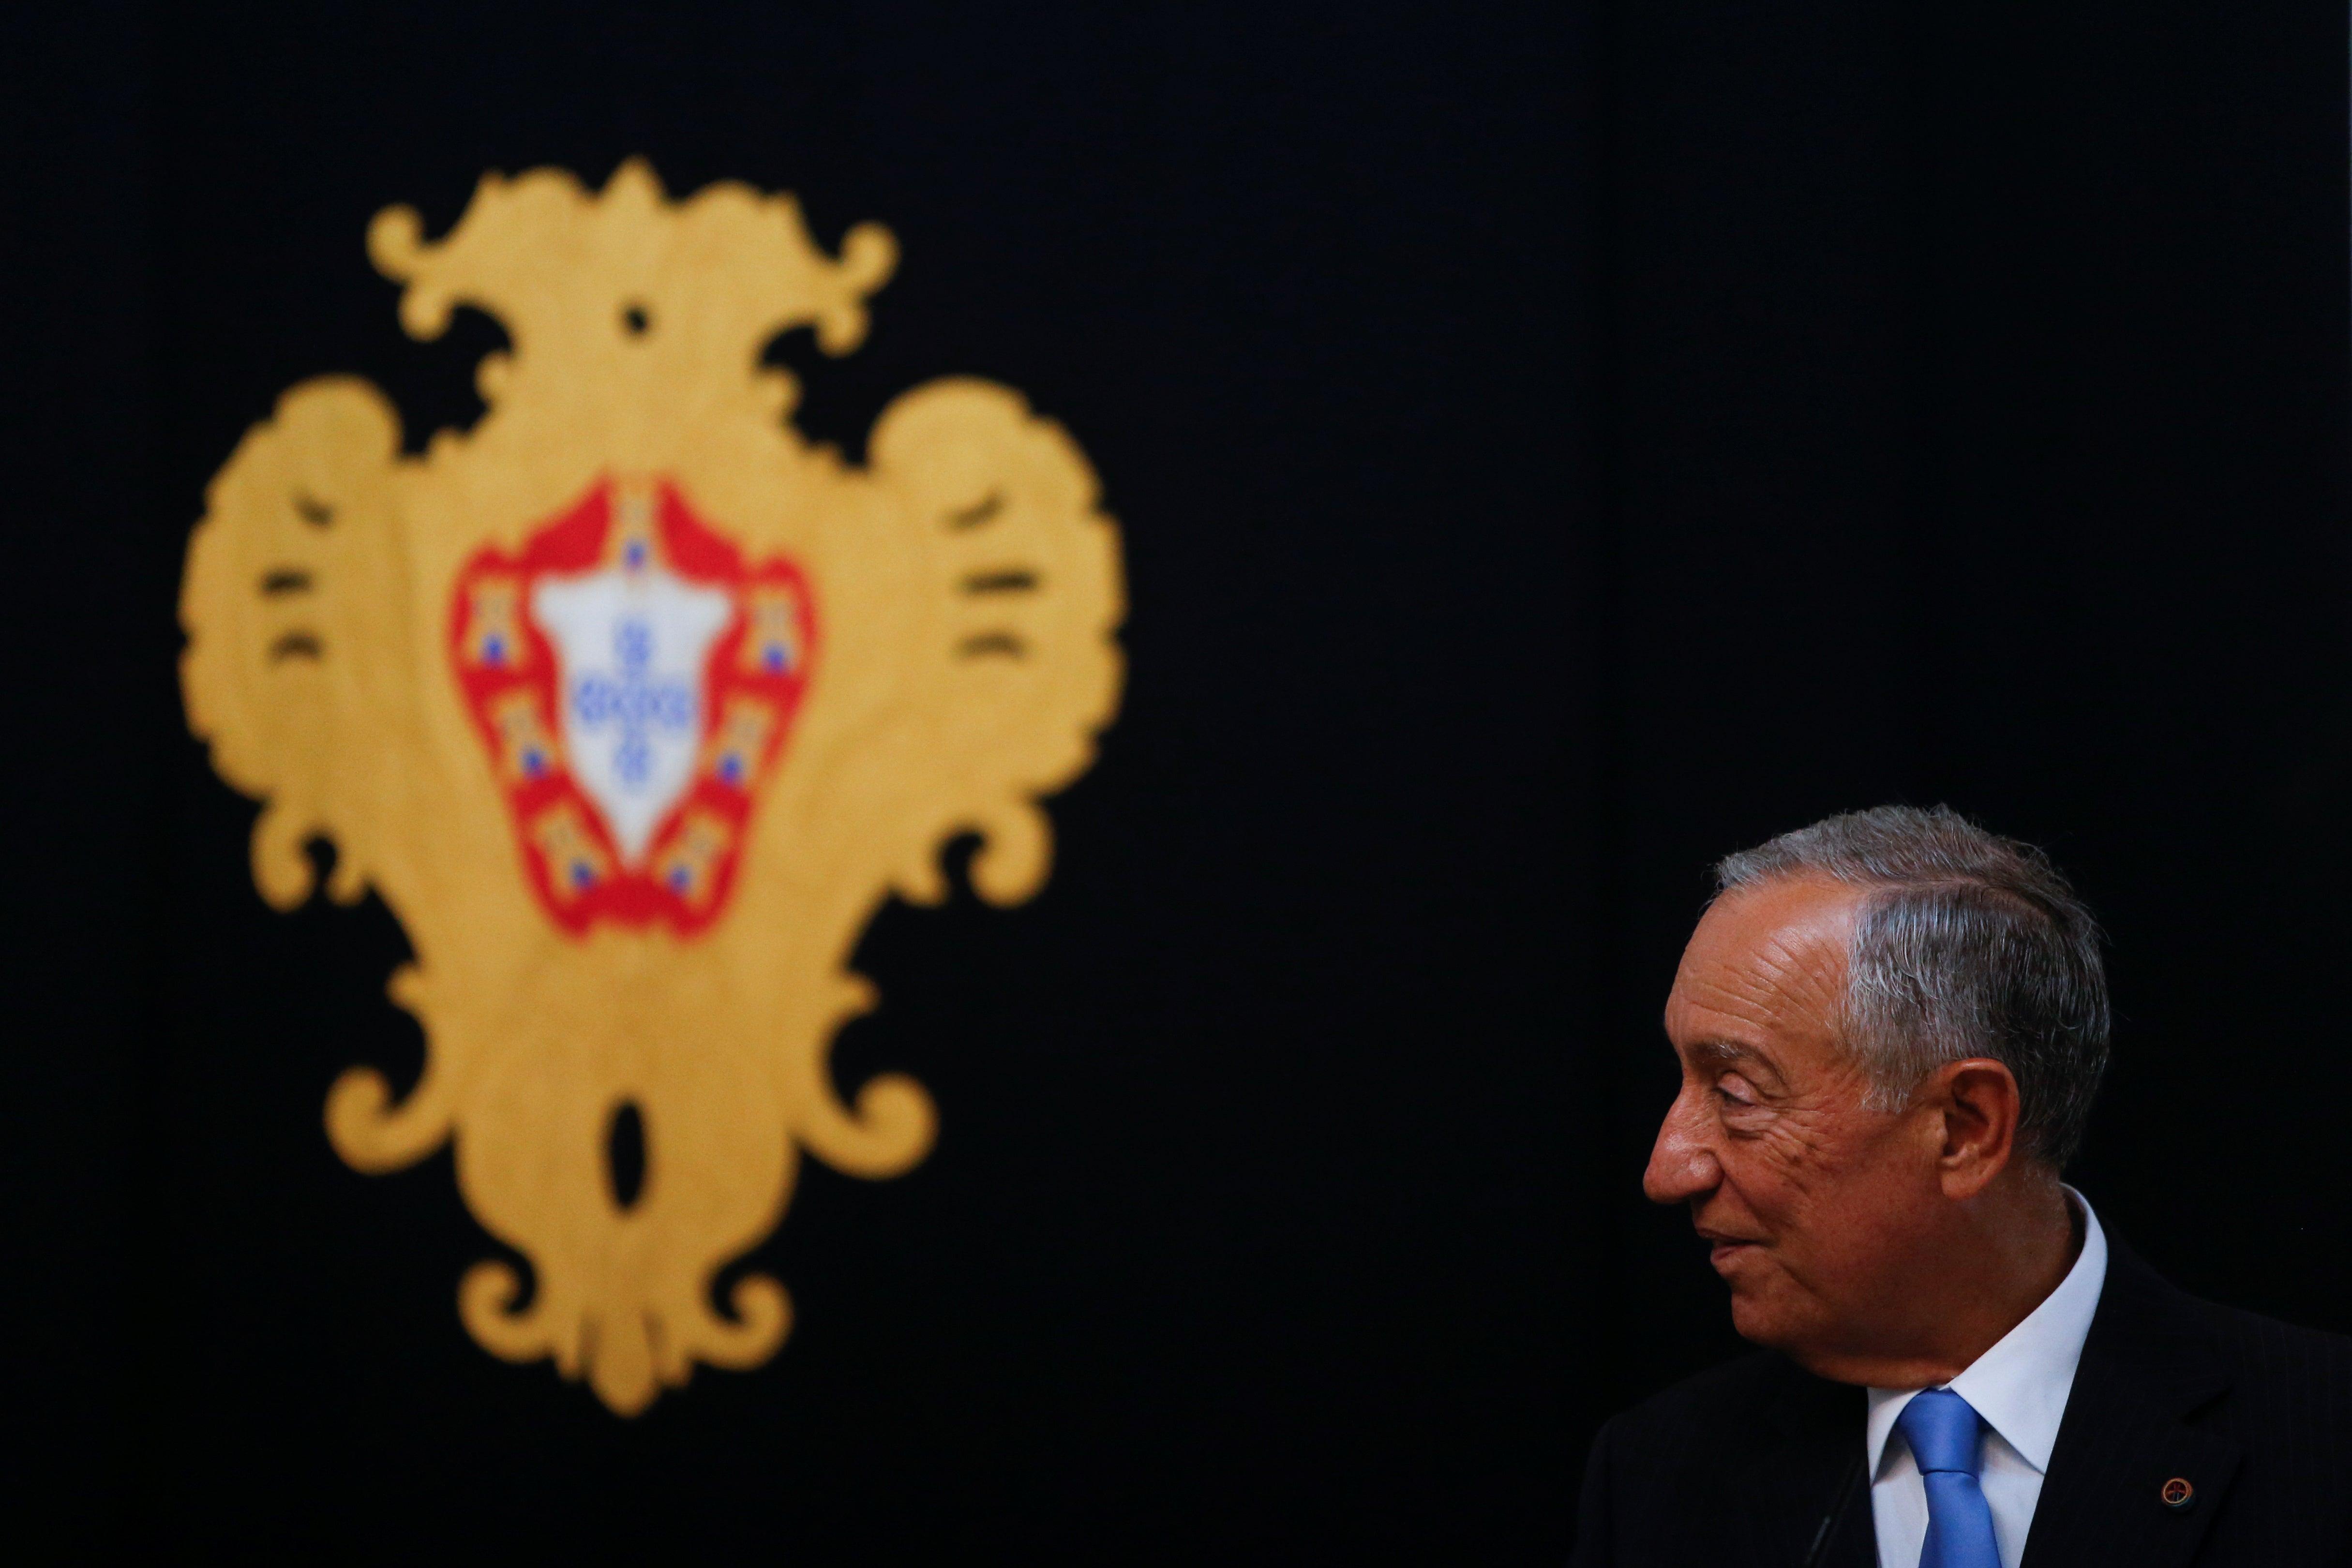 Poveira integra comitiva presidencial de Portugal em visita a Espanha